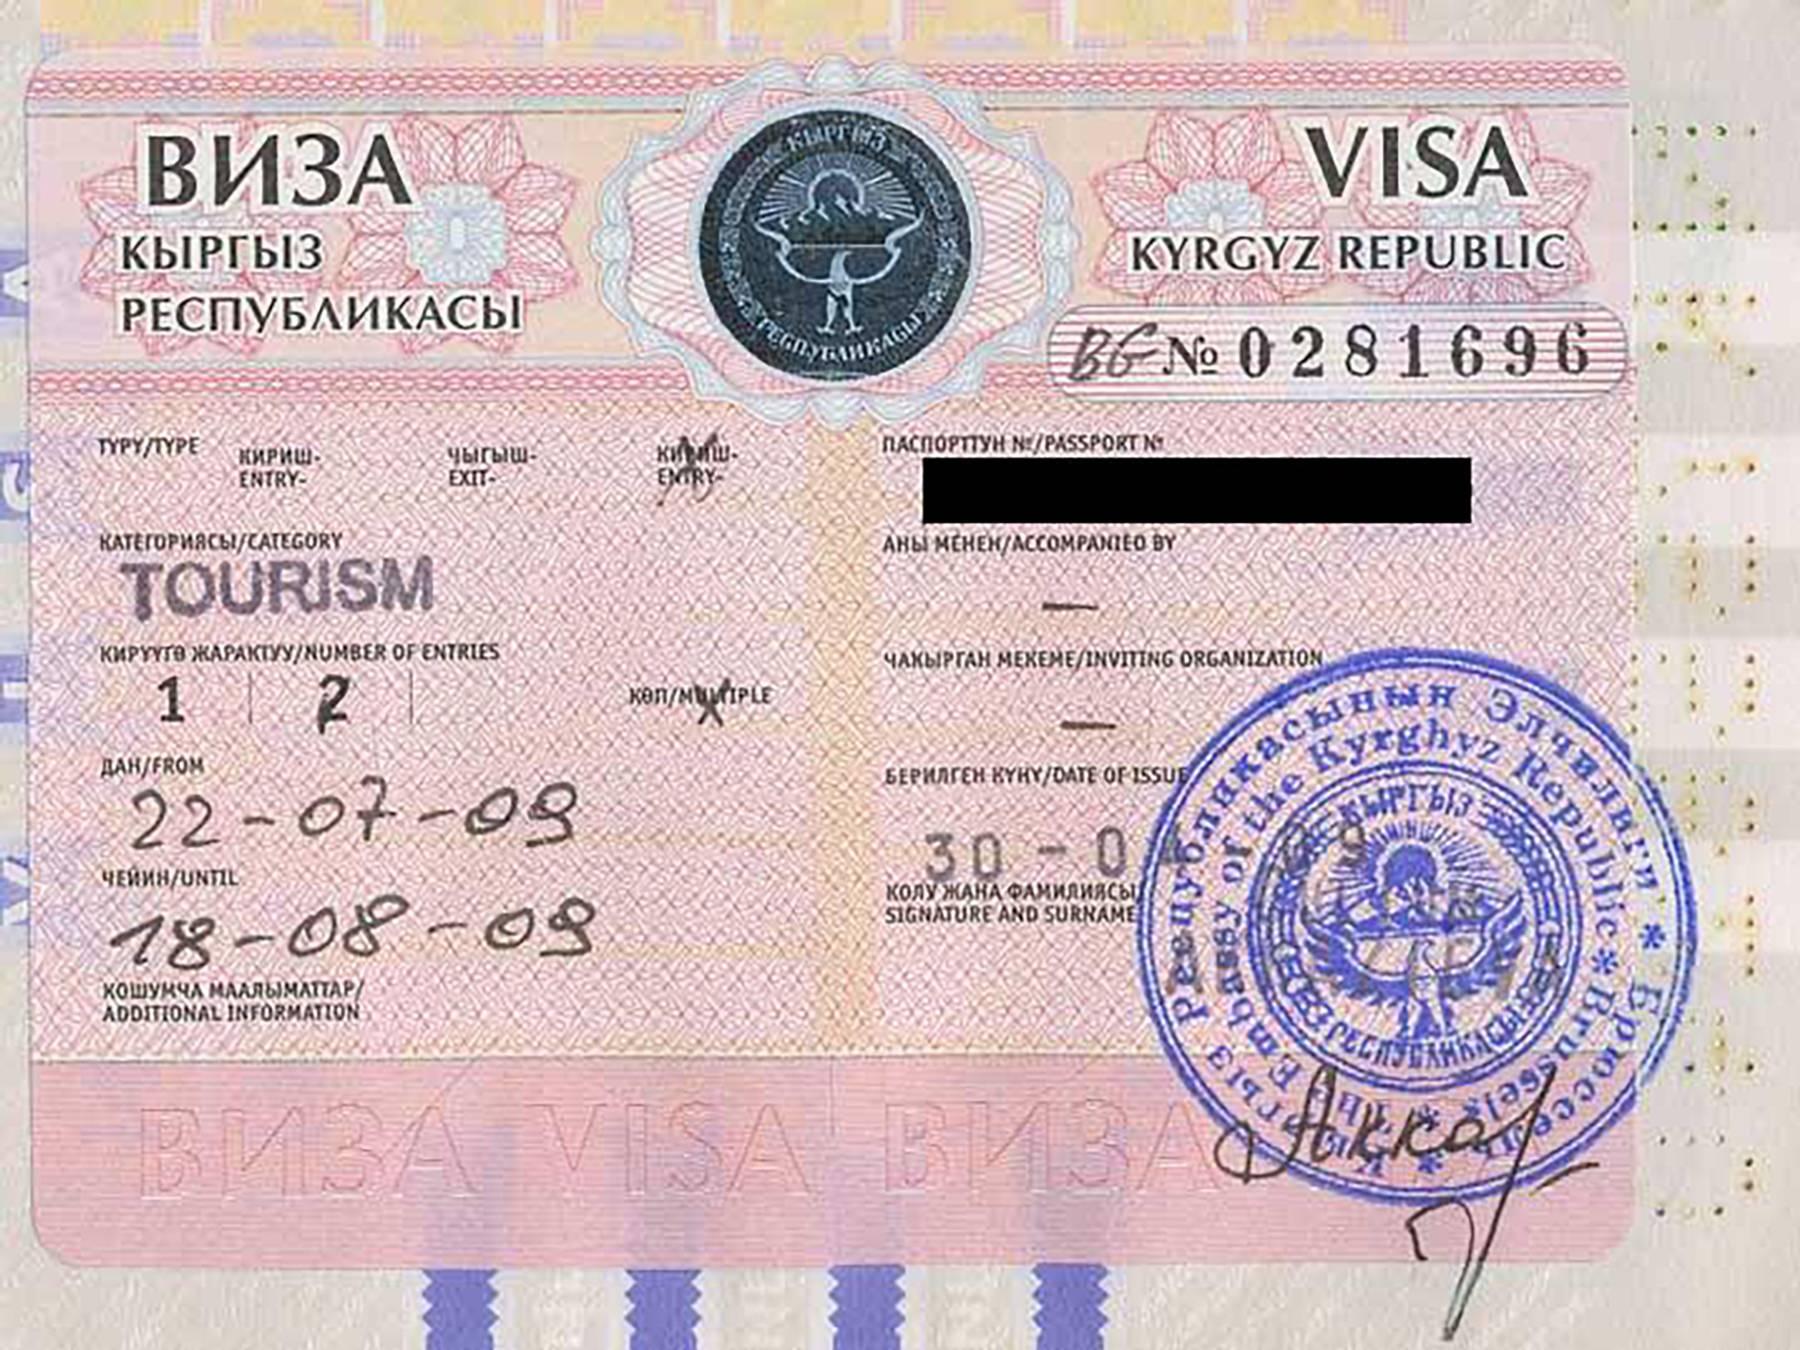 Виза в сша – как получить её самостоятельно в 2021: запись на собеседование, документы, анкета ds-160, стоимость